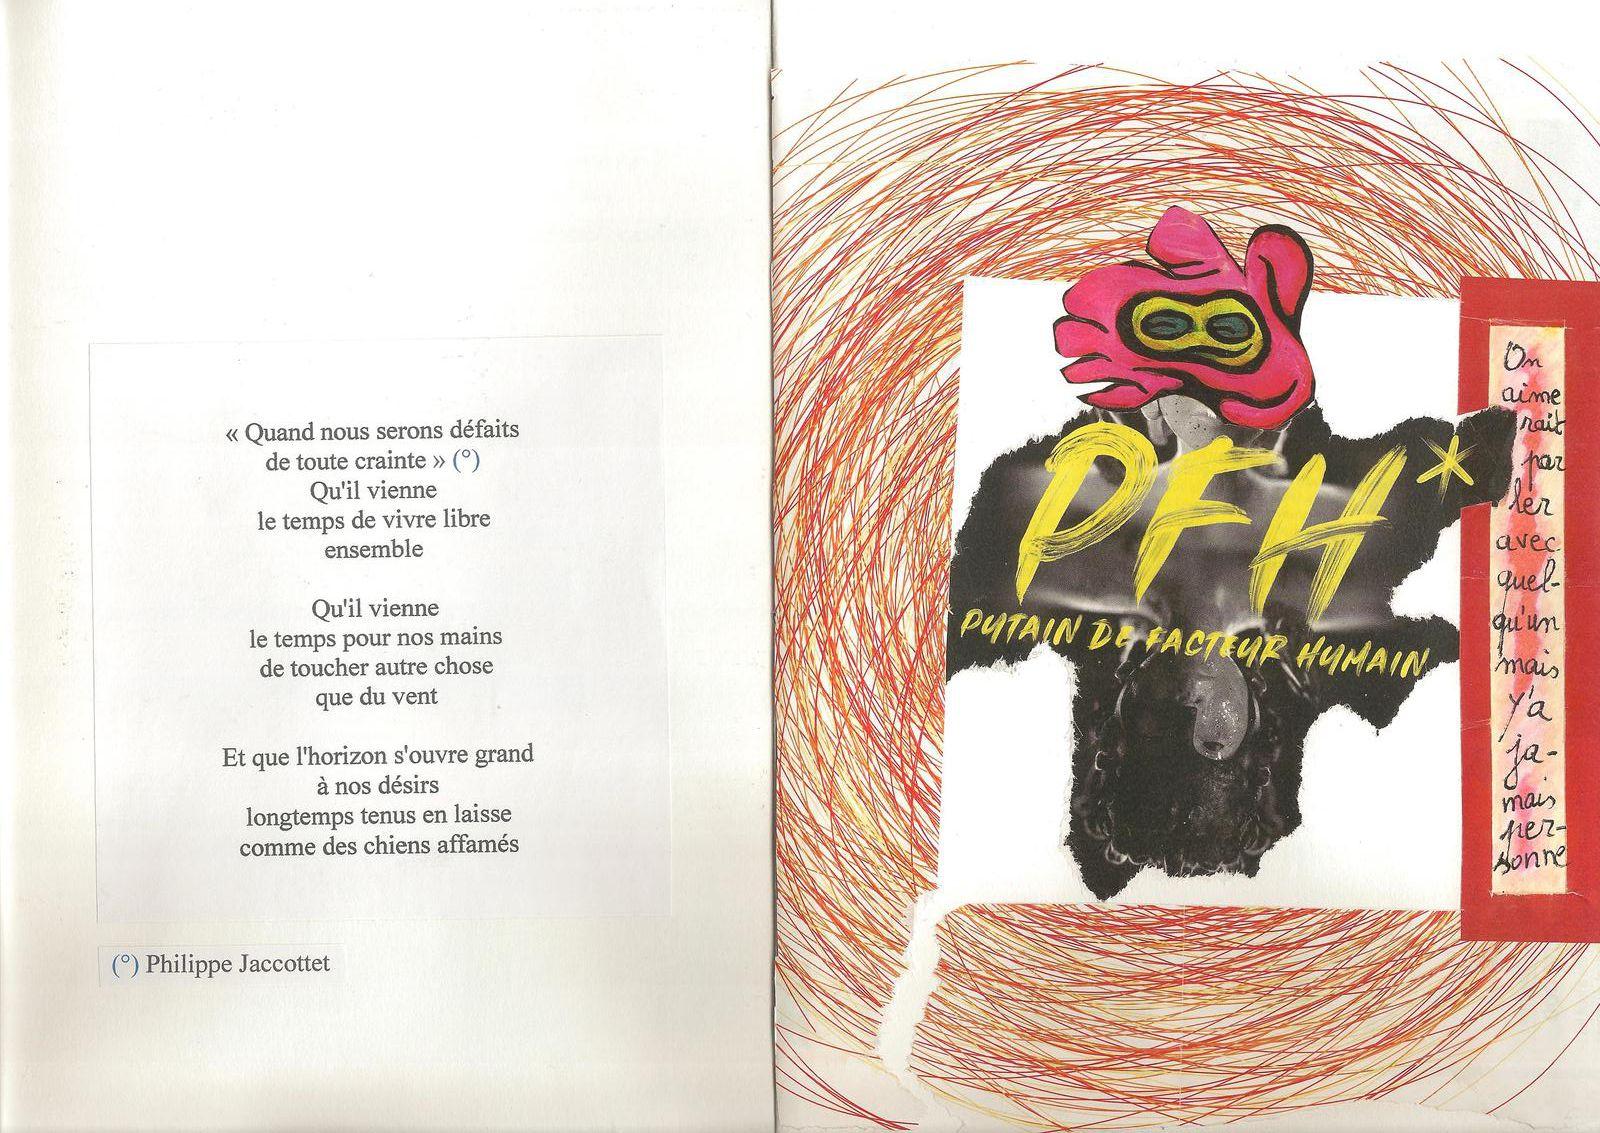 TROIS PIECES, livre d'artiste (confiné)